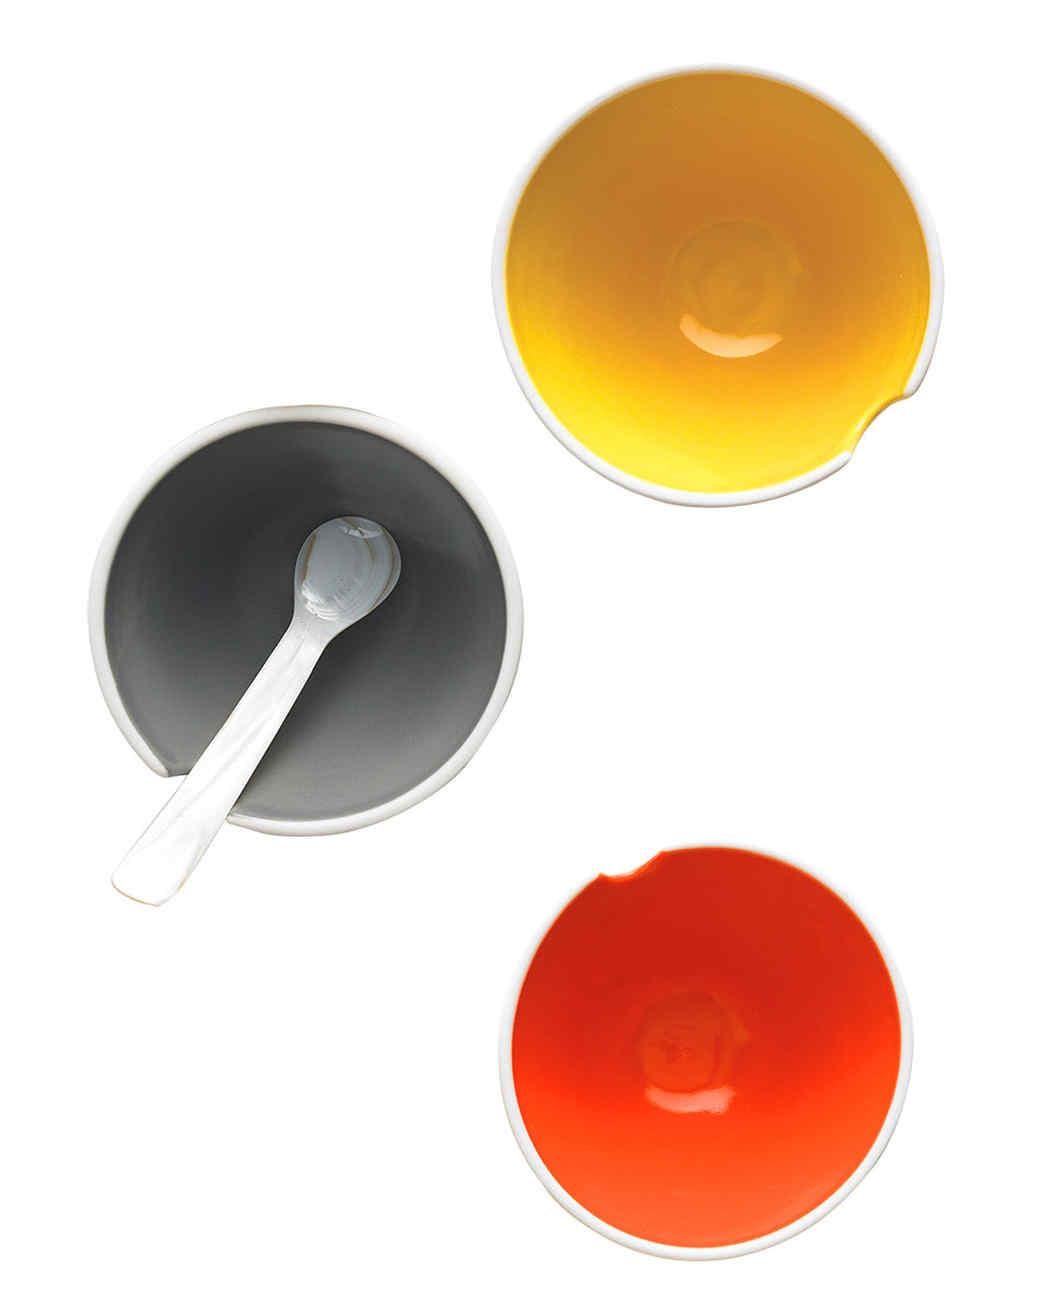 mld106361_1110_bowls1a.jpg